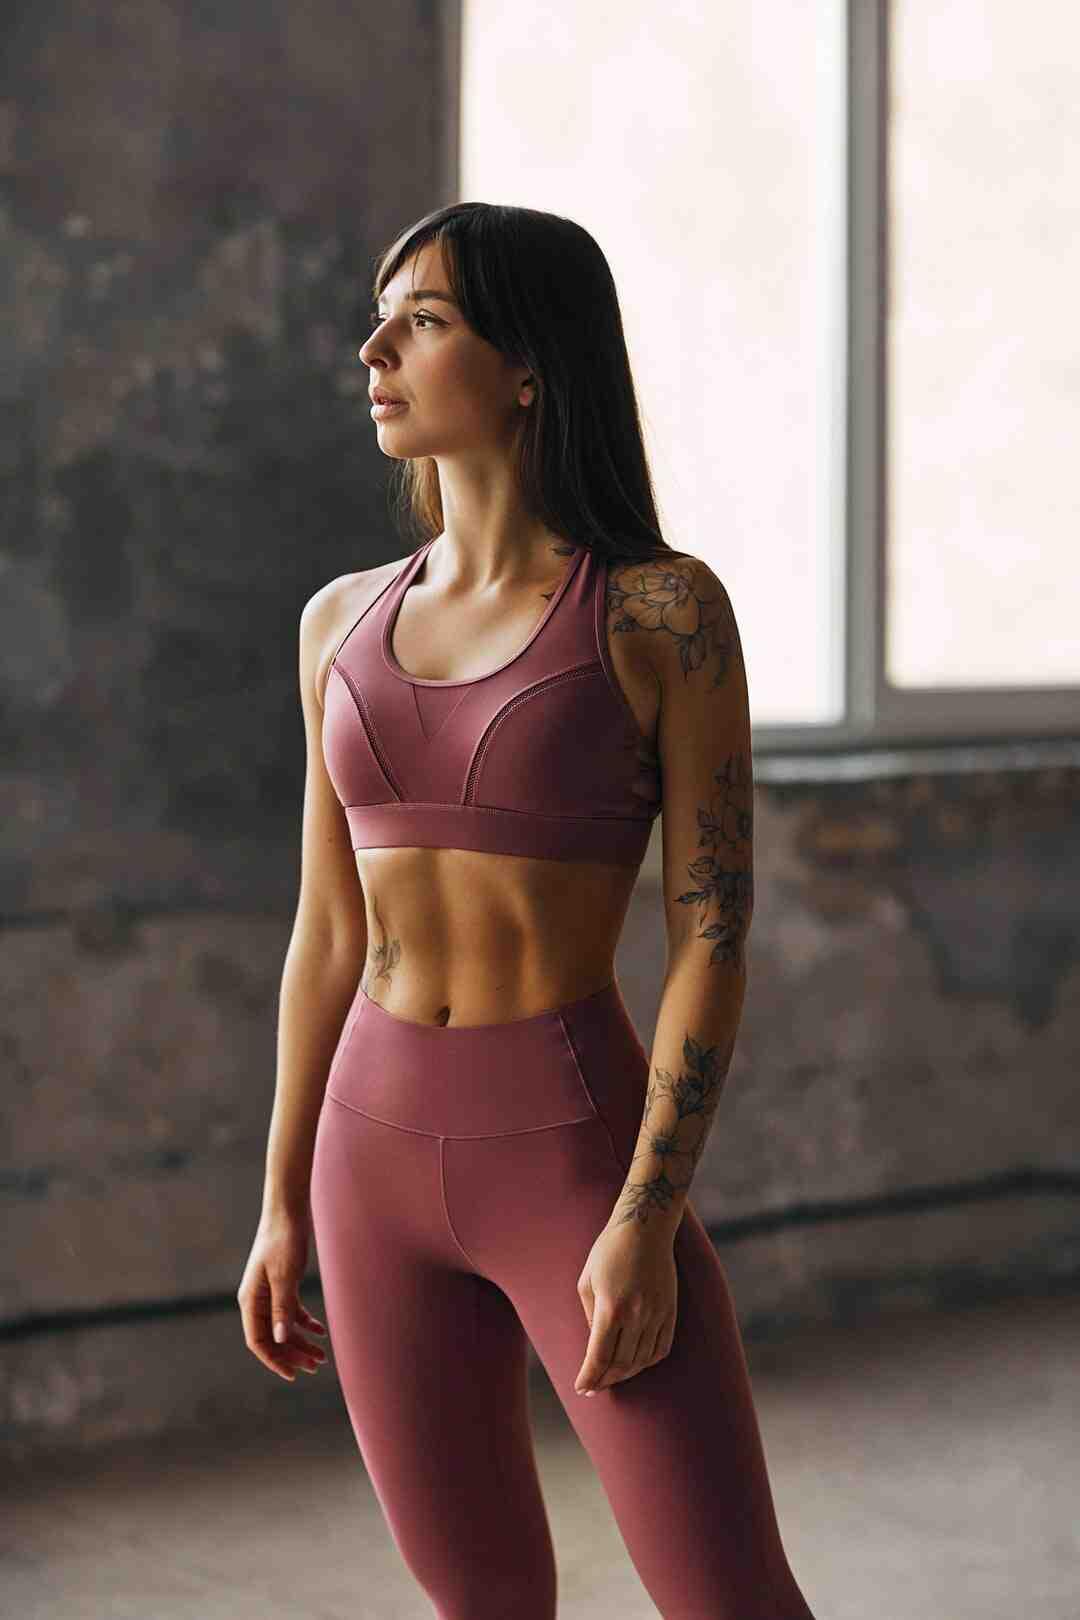 Comment devenir une fitness girl